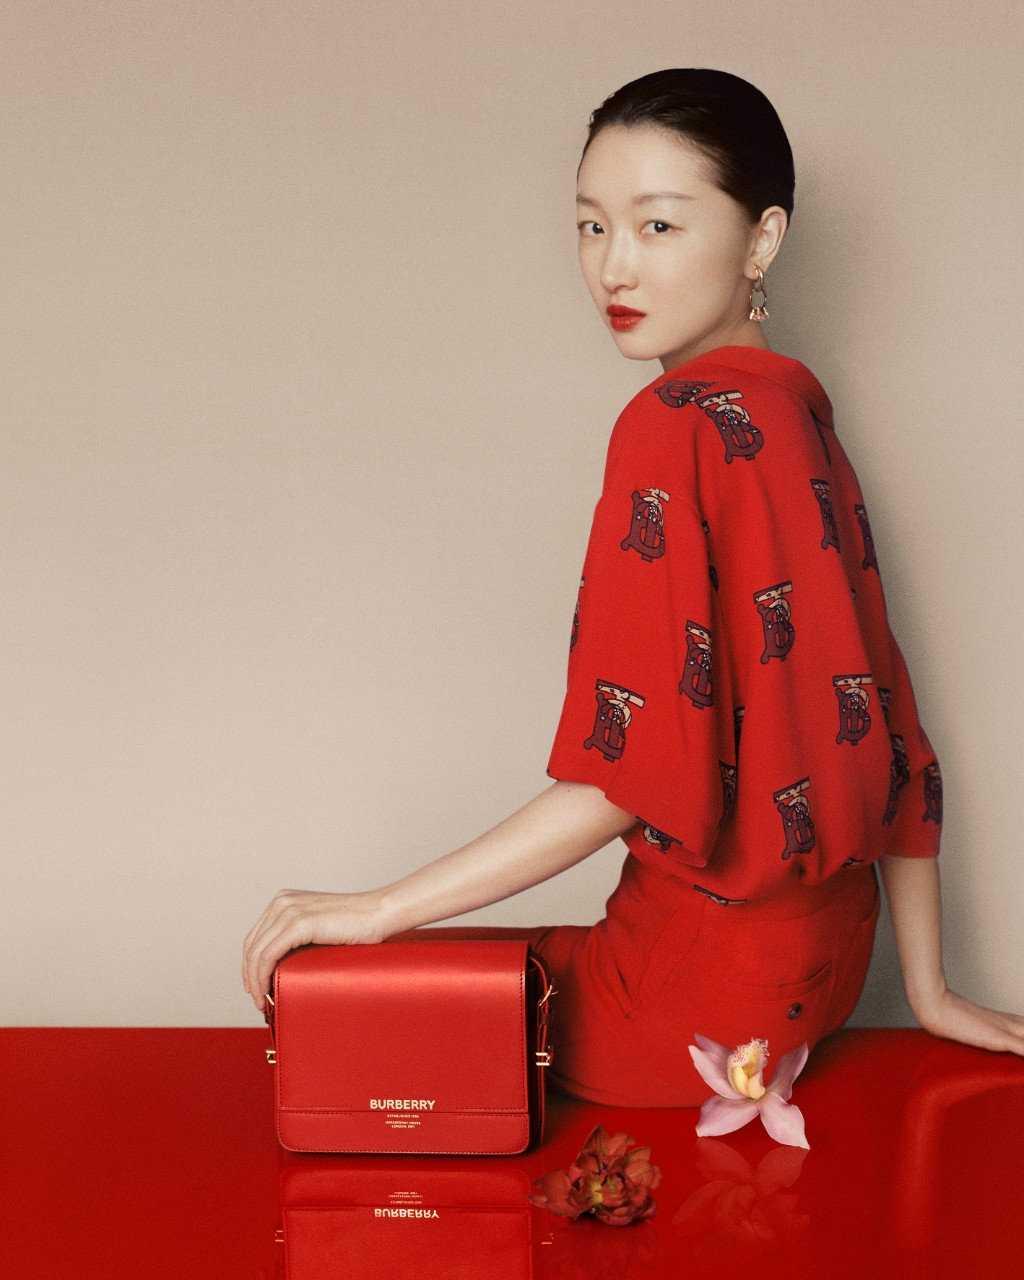 """Blus och tolvtusenkronorsväska från Burberrys kollektion inför det kinesiska nyåret. Här syns dock bara """"Ratberry"""" till i monogrammet."""